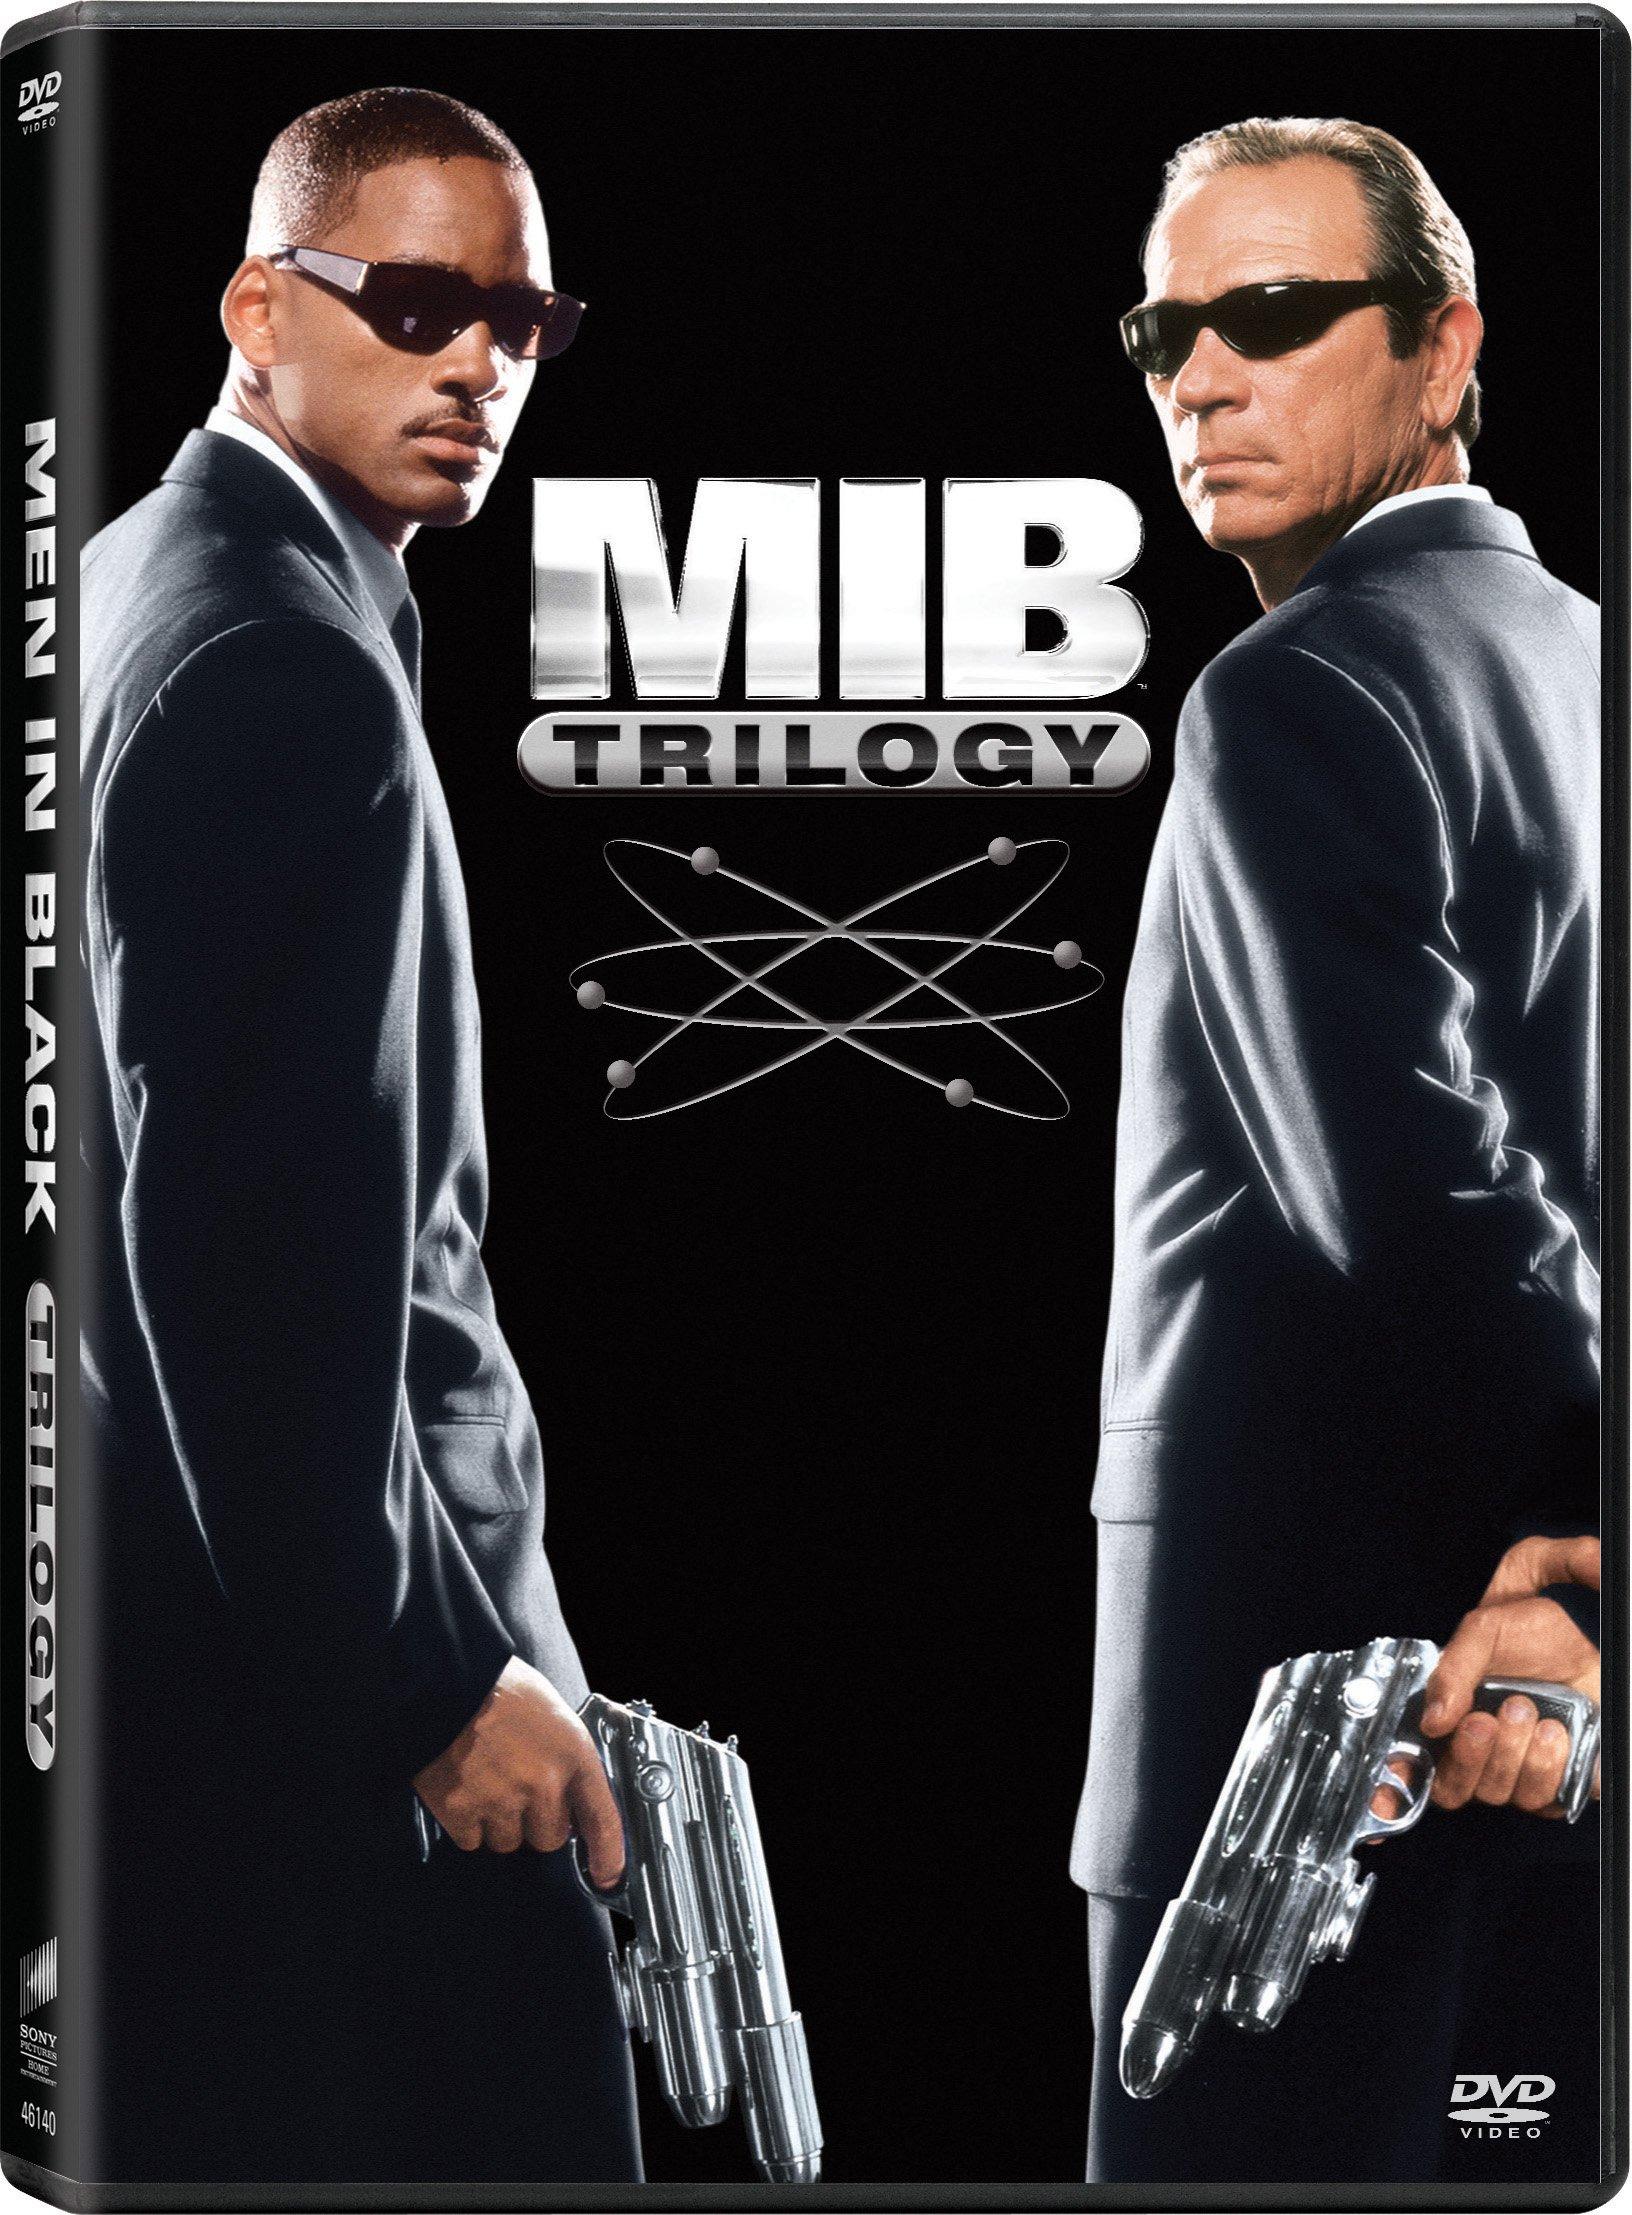 DVD : MIB Trilogy (2 Pack, 2 Disc)